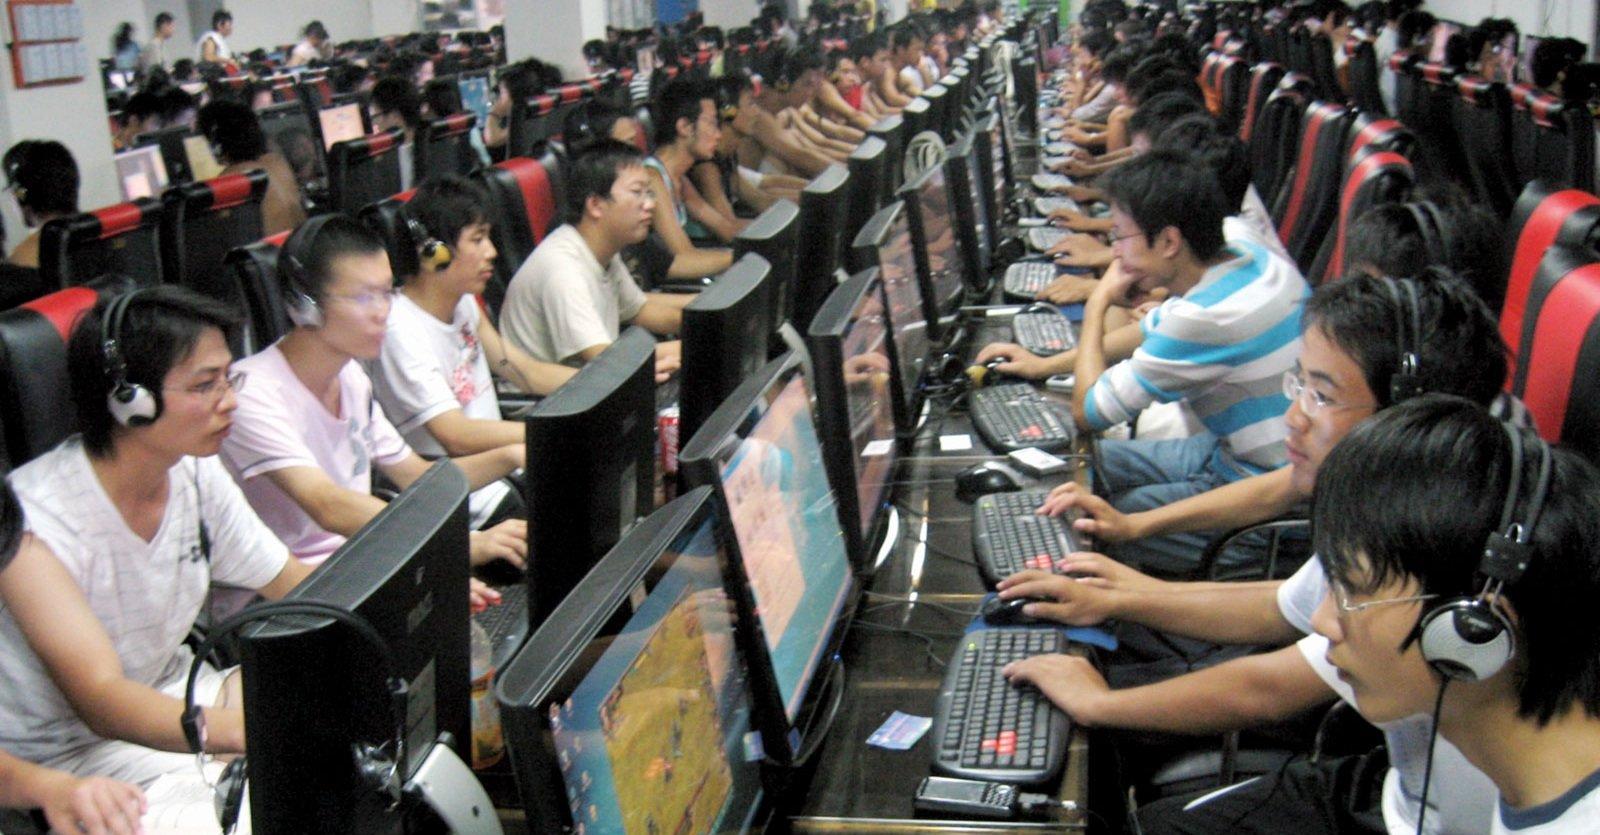 Kina har bestemt at alle nettbrukere må registrere seg med fullt navn.